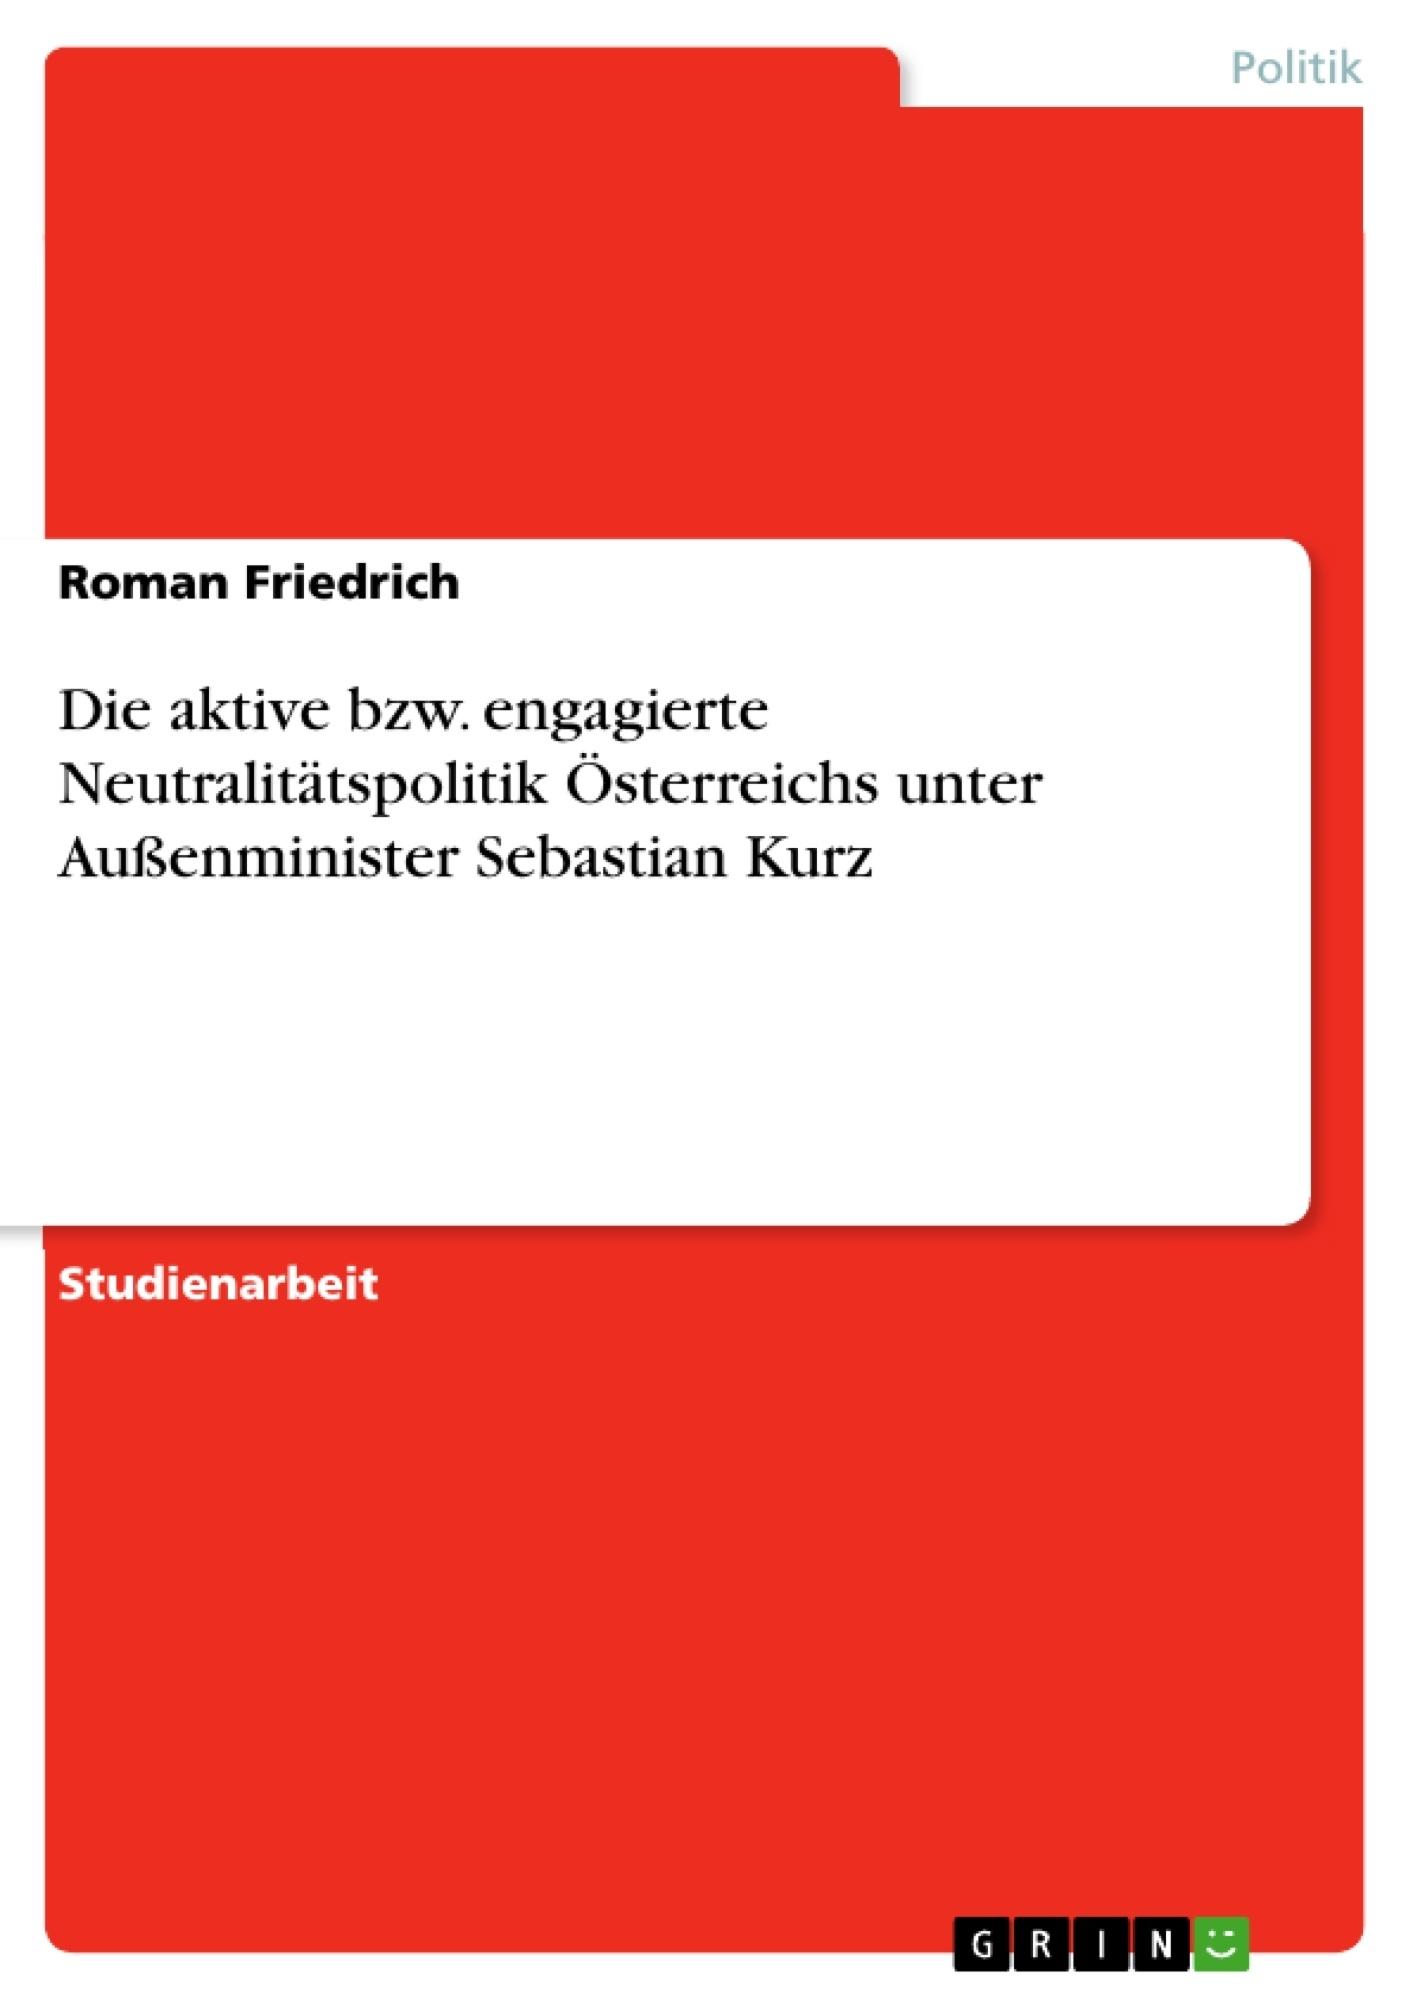 Titel: Die aktive bzw. engagierte Neutralitätspolitik Österreichs unter Außenminister Sebastian Kurz